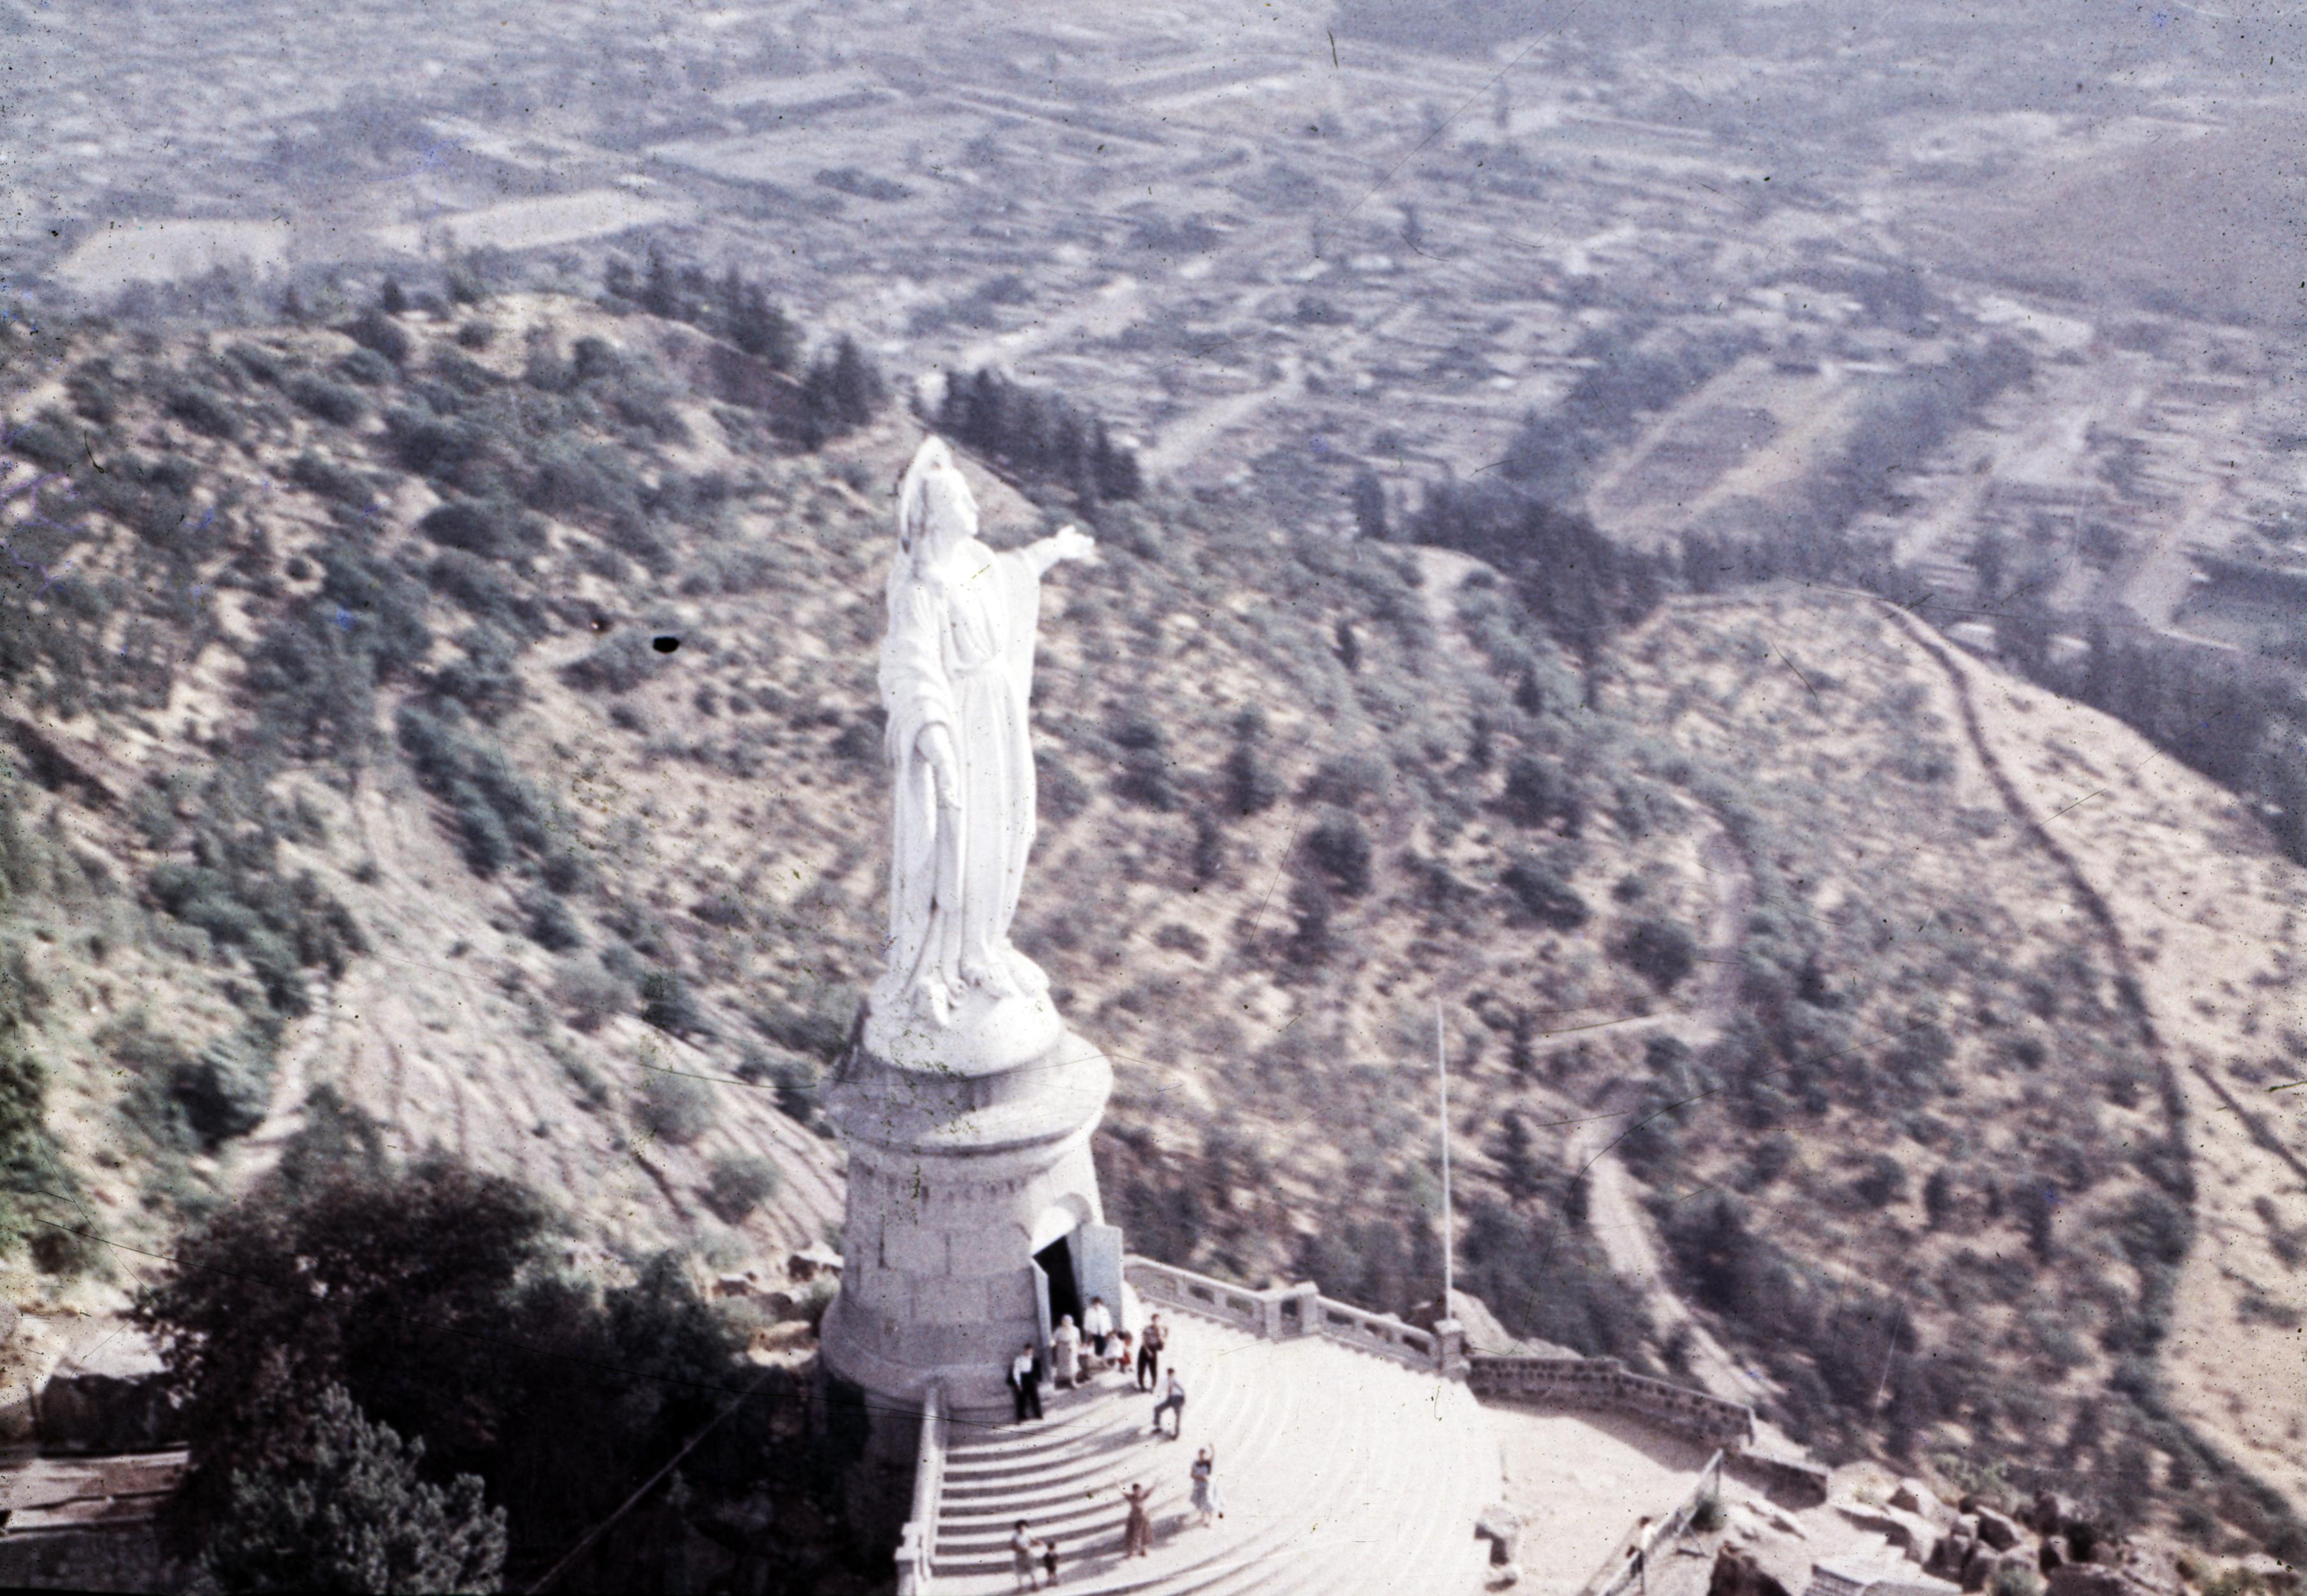 Enterreno - Fotos históricas de chile - fotos antiguas de Chile - Santuario Inmaculada Concepción, Cerro San Cristóbal en los 60's